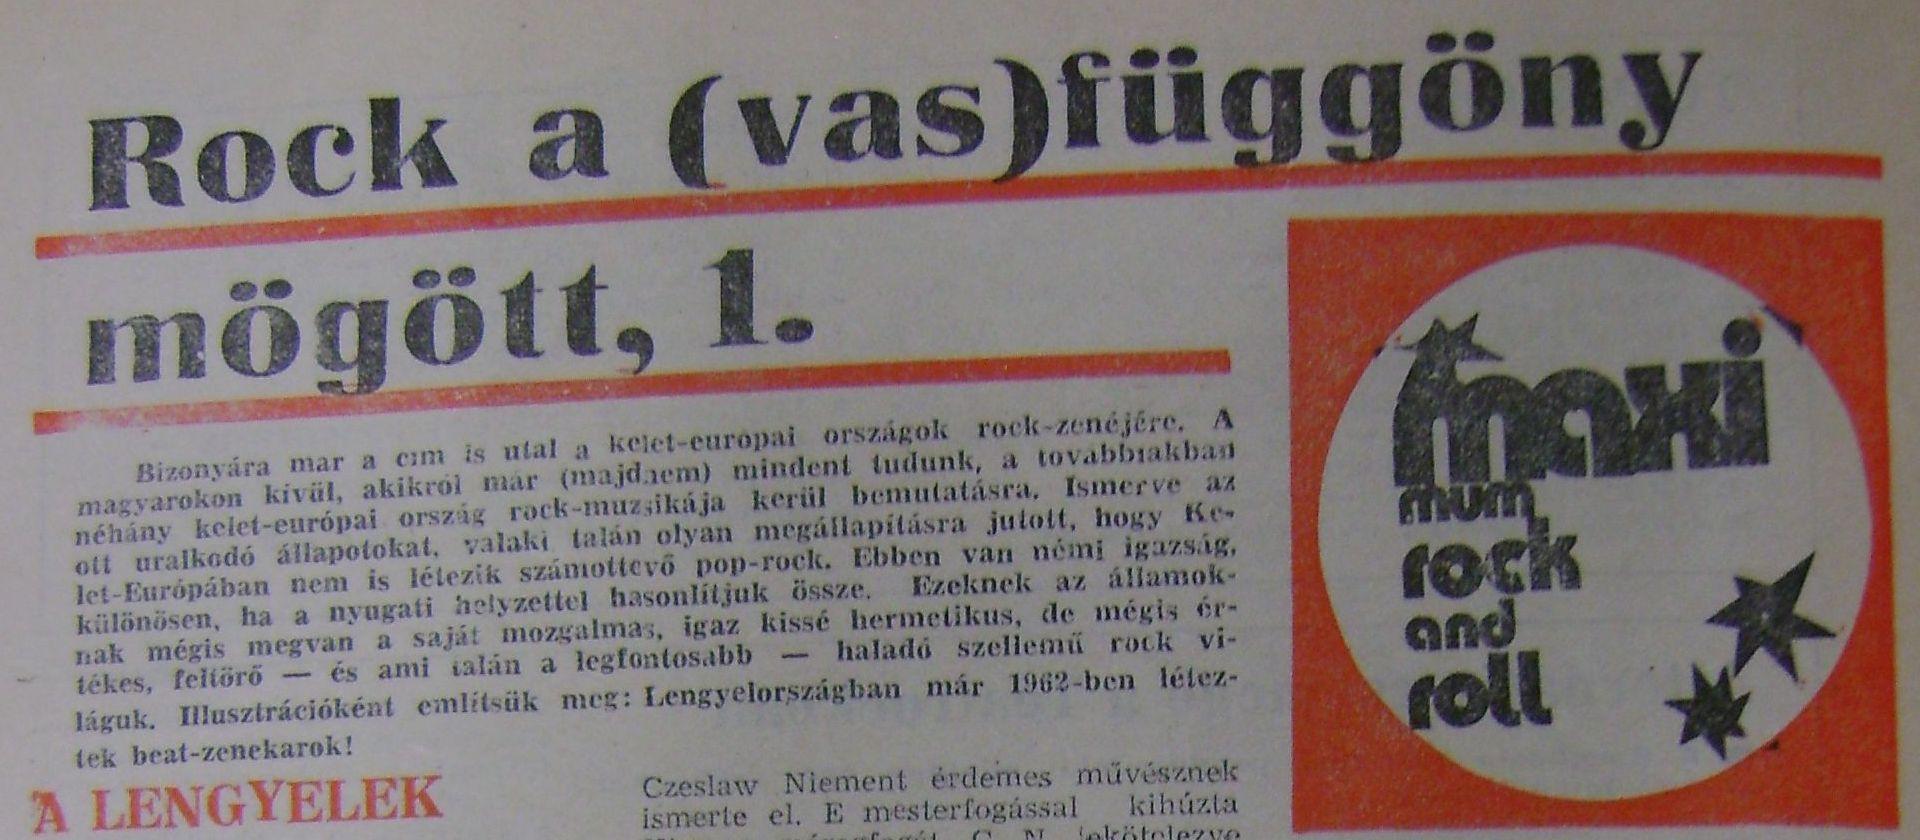 rock_a_vasfuggony_mogott_1_a_lengyelek_1830-26.jpg